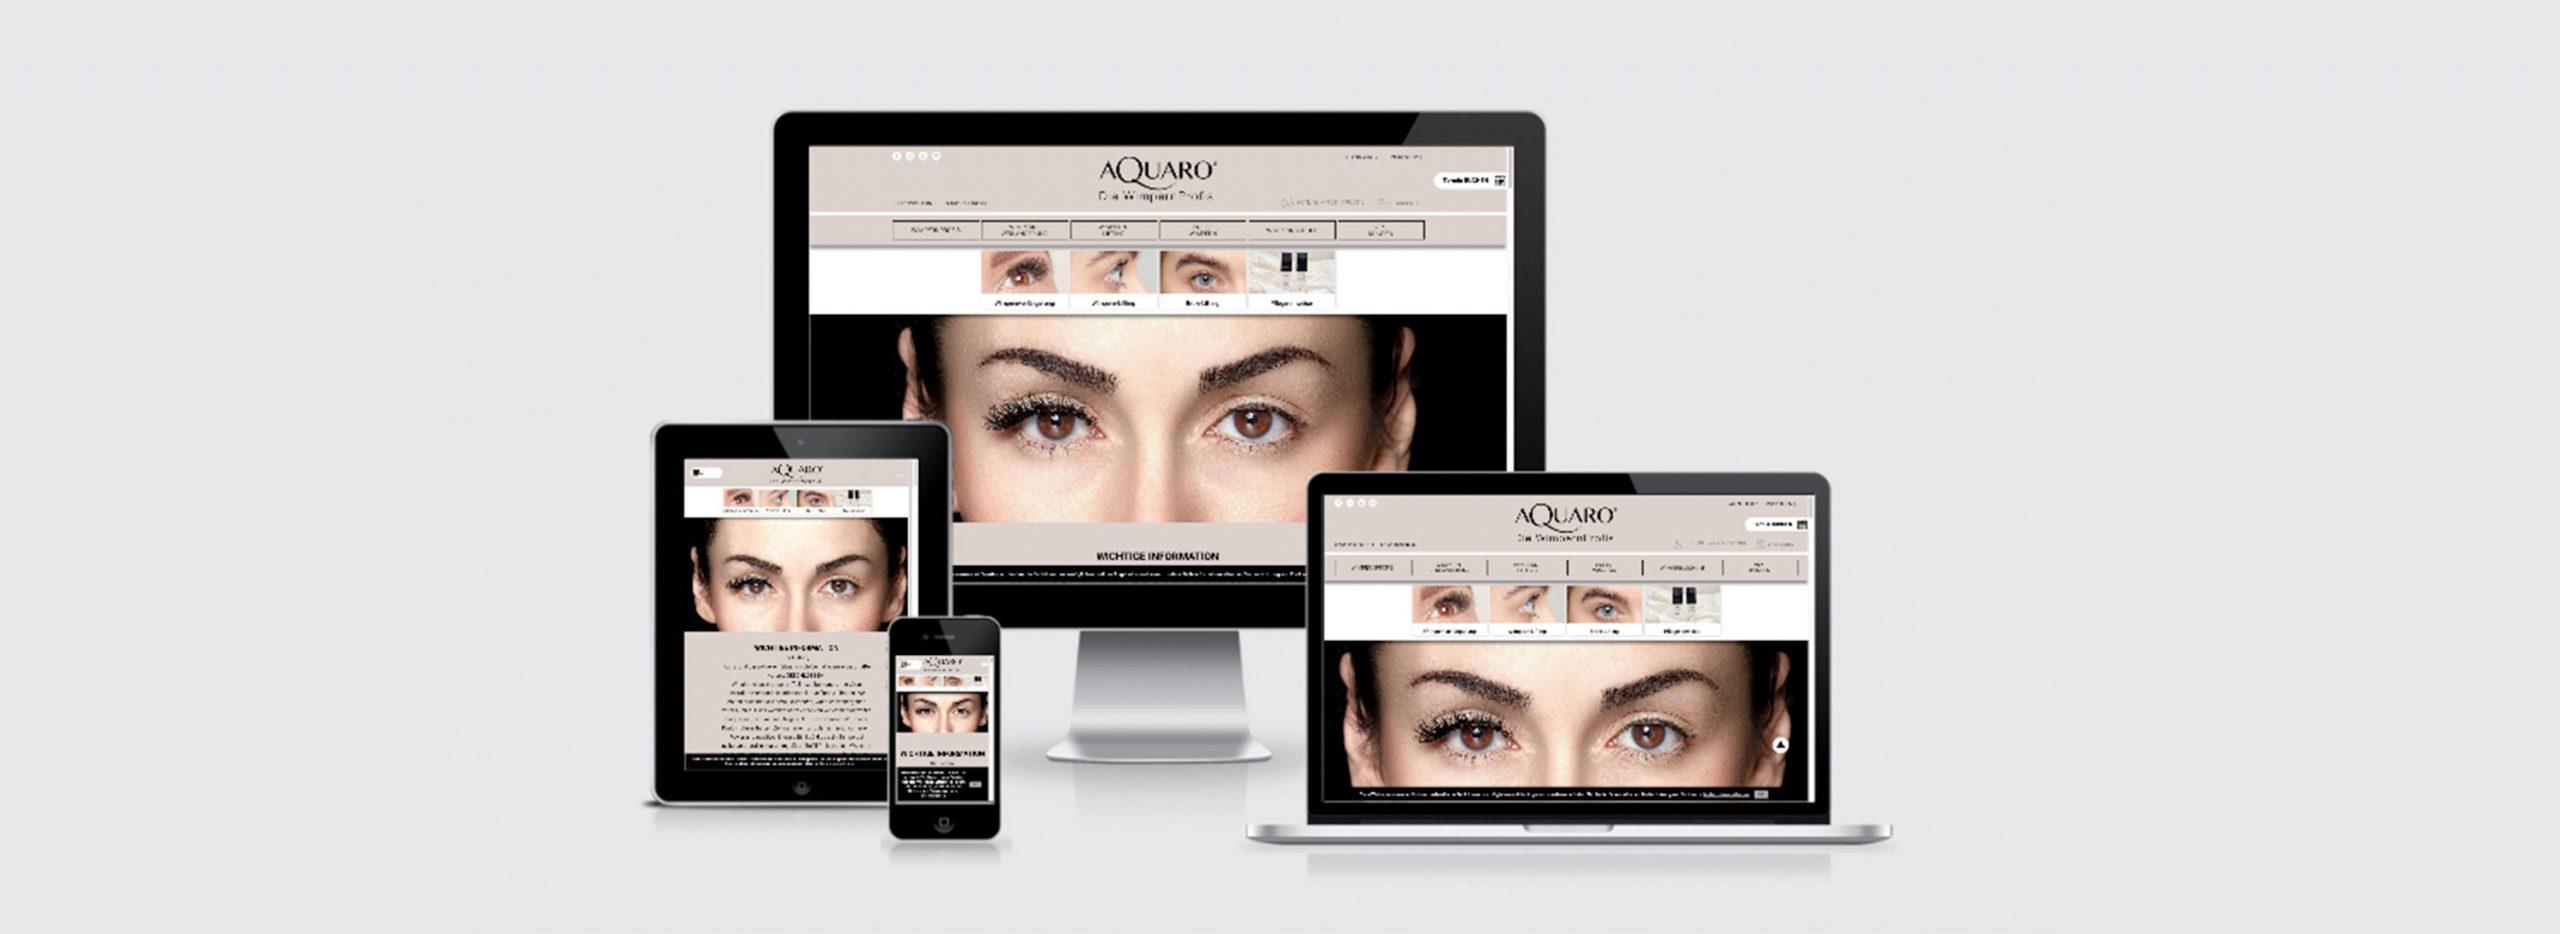 Aquaro-Die_Wimpernprofis_Webdesign2_aquarodesign